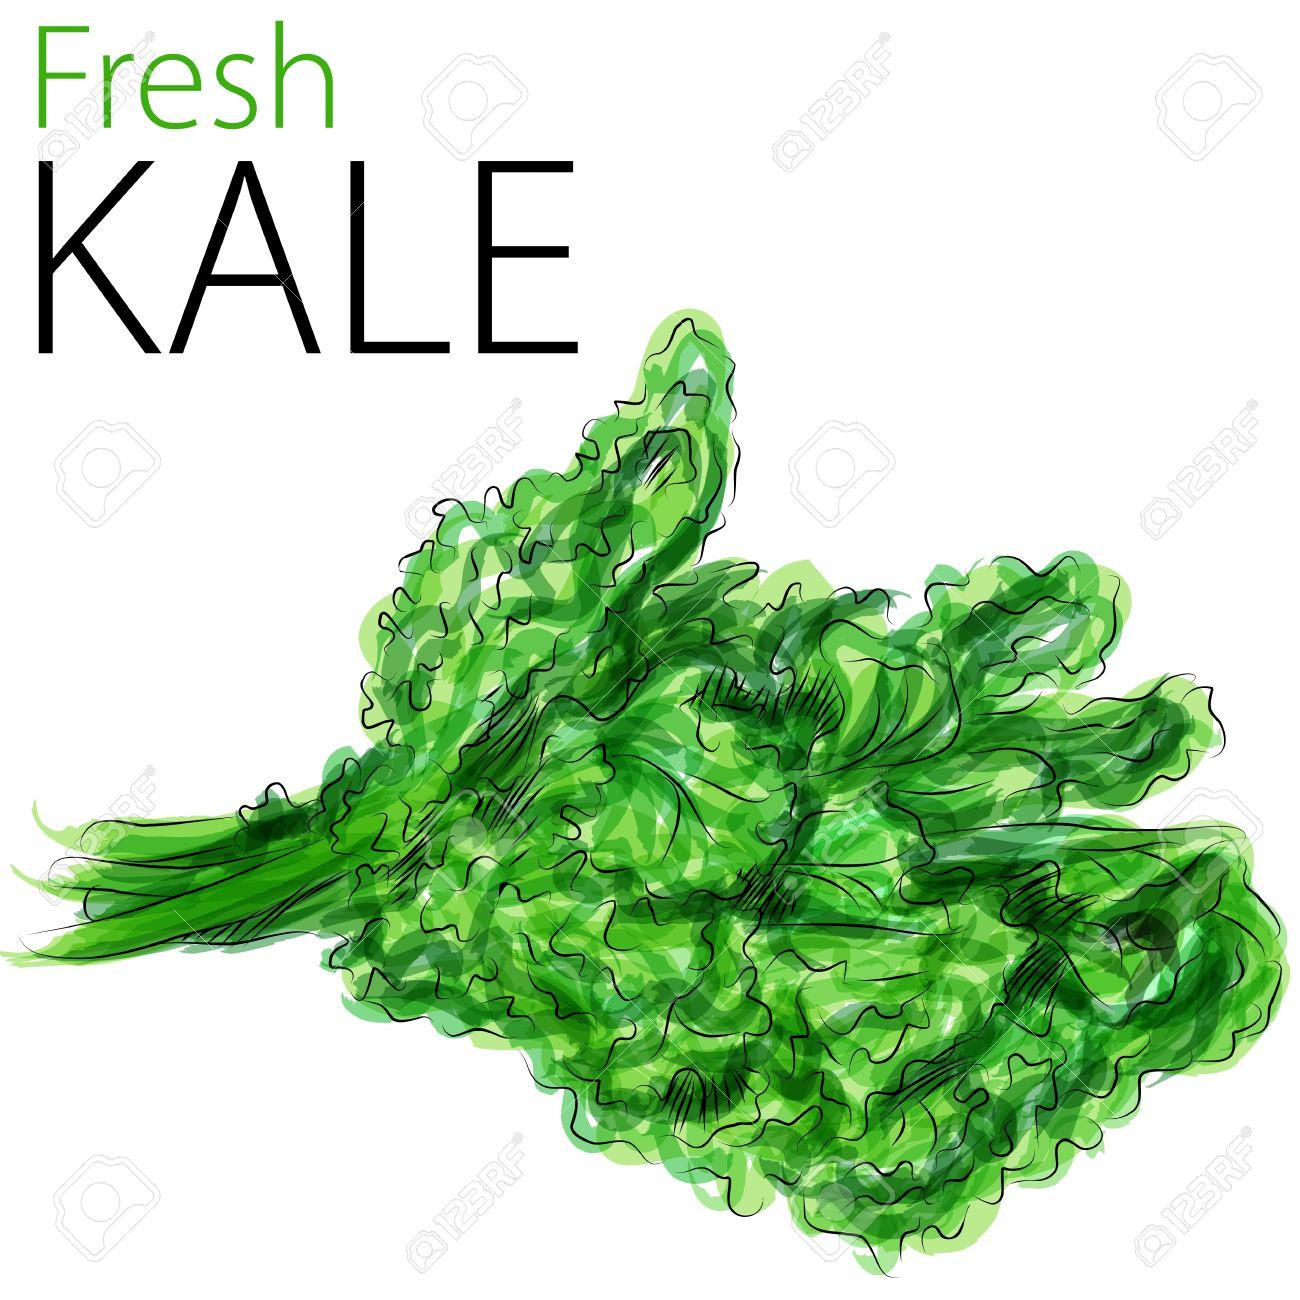 Kale clipart #13